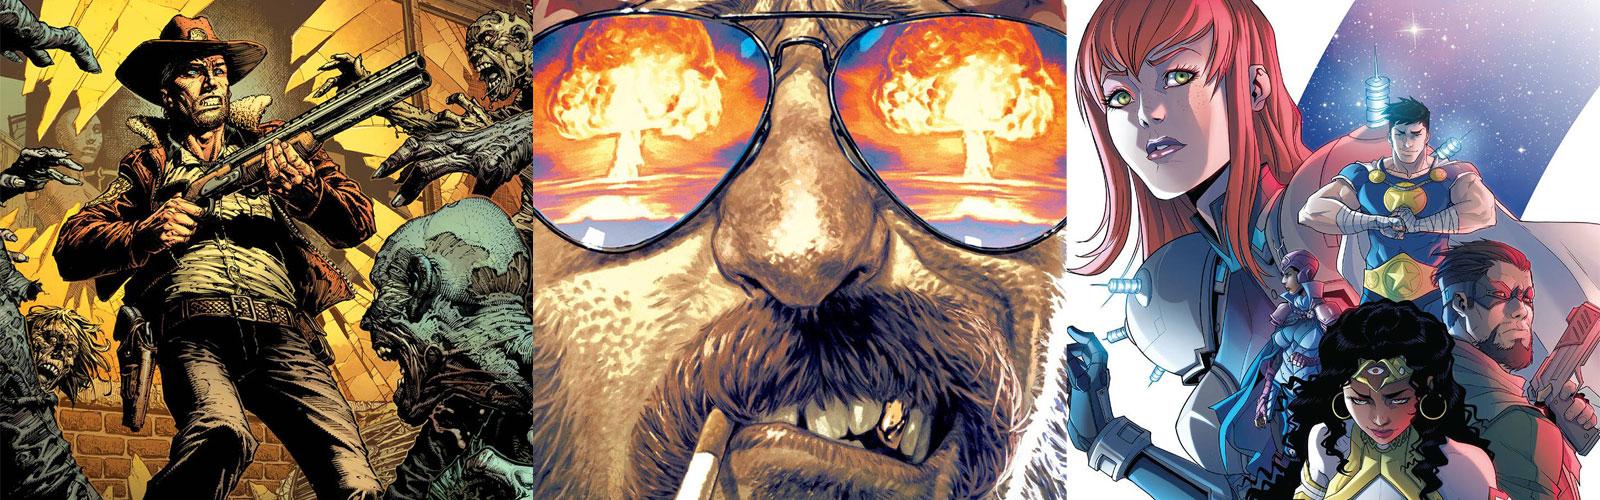 Solicitations: October 2020 – Image Comics